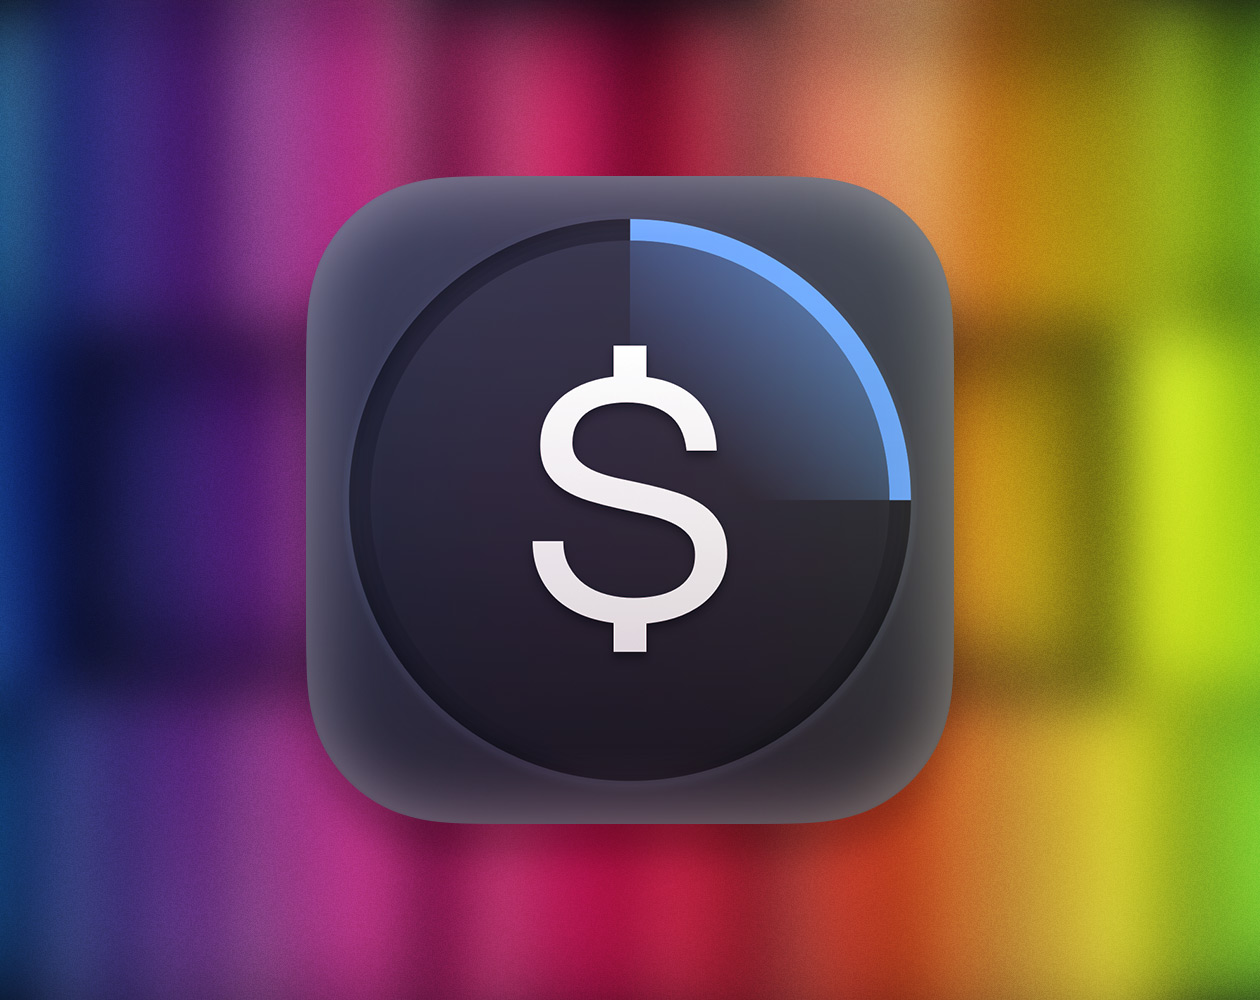 Saver 2: Продвинутый менеджер финансов для iPhone с кучей возможностей